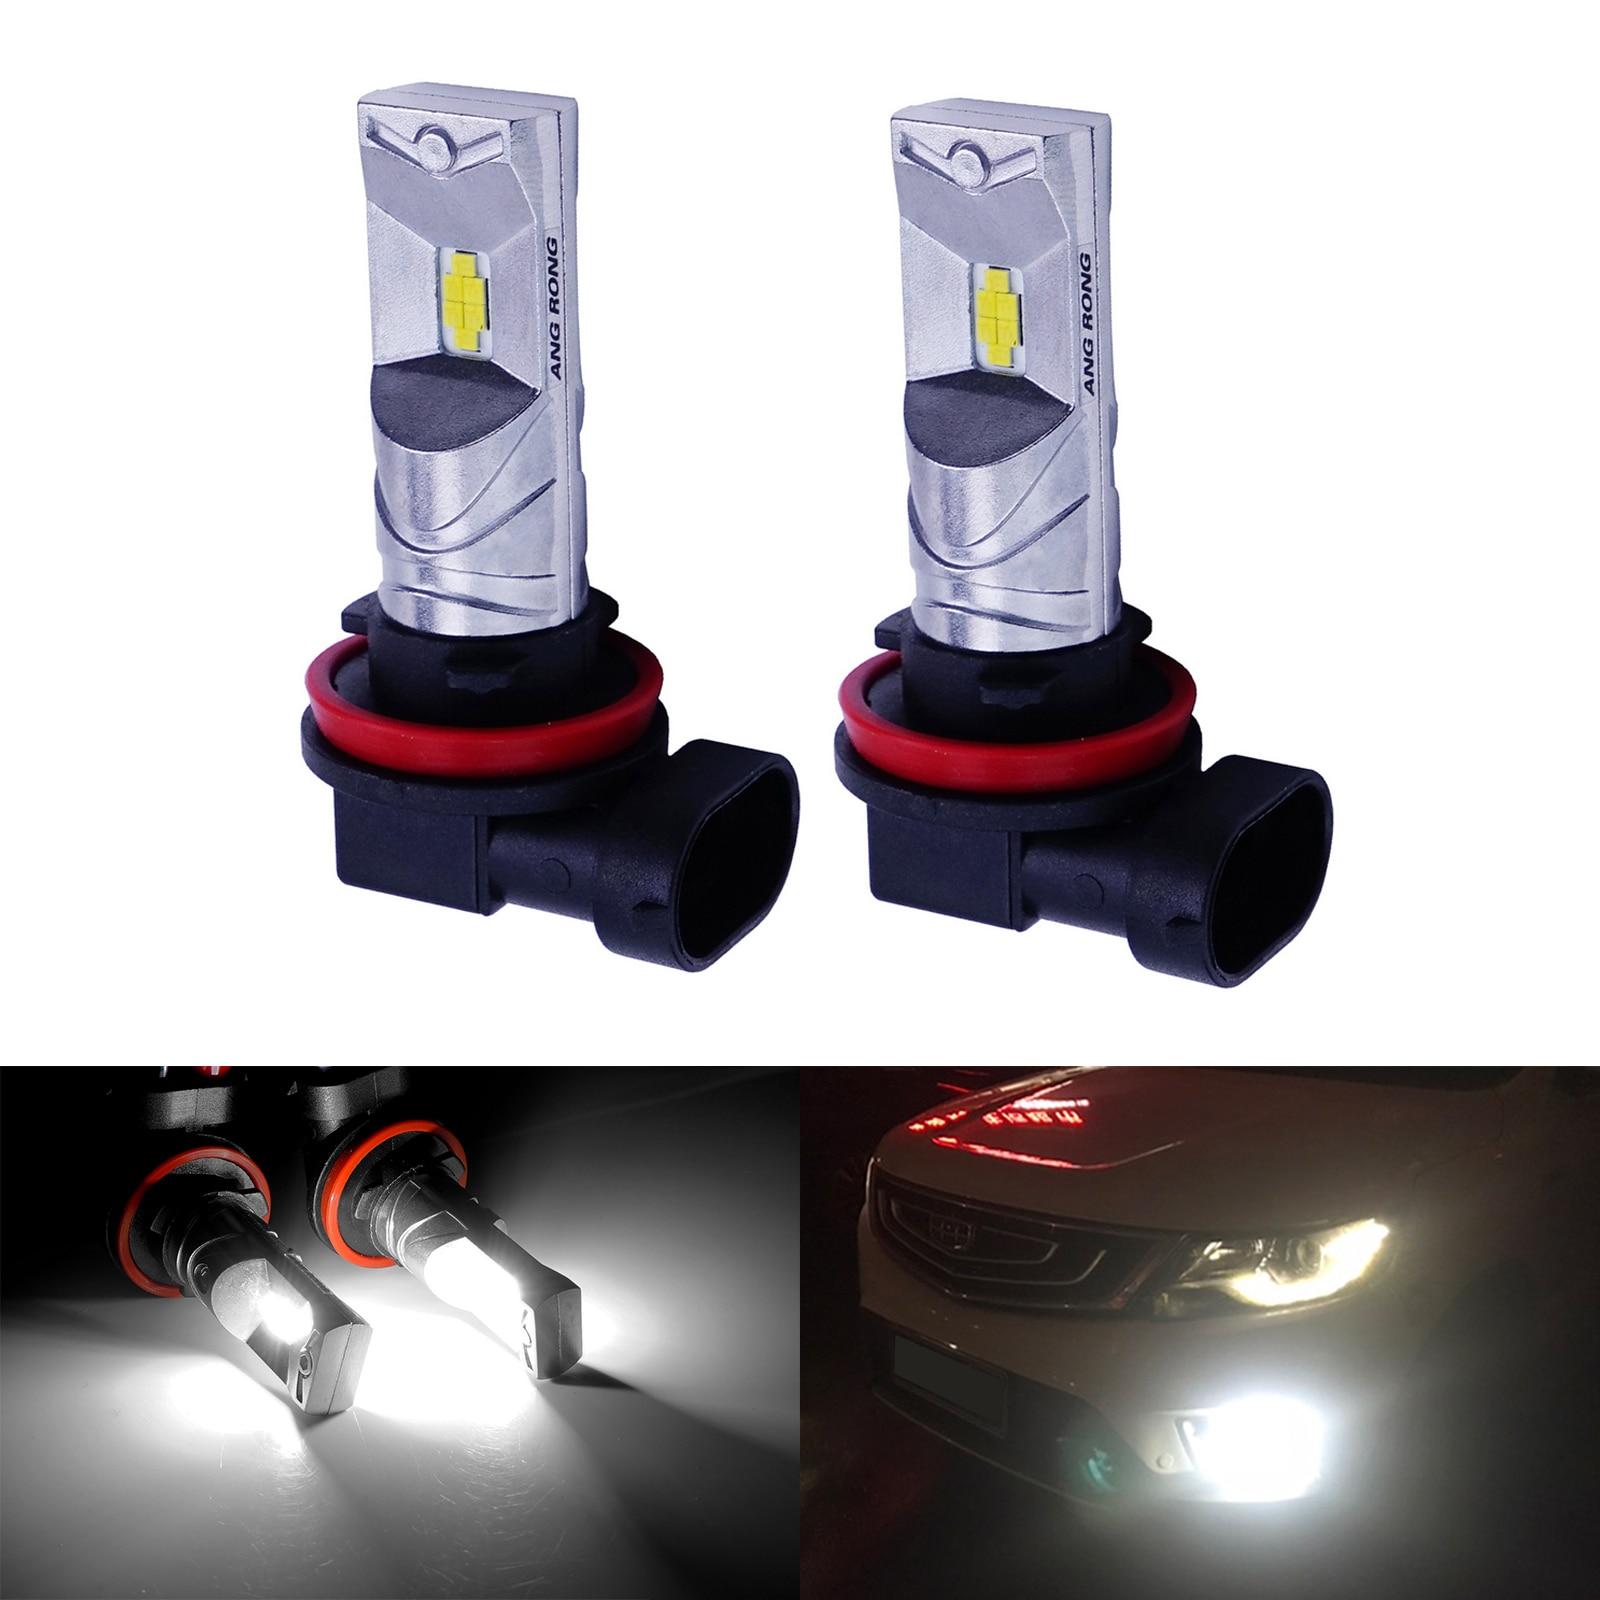 ANGRONG 2x H8 H11 лампы CSP мощностью 10 Вт светодиодный бортовой светильник Противотуманные фары Дневные ходовые огни светильник Лампа ксенон белый